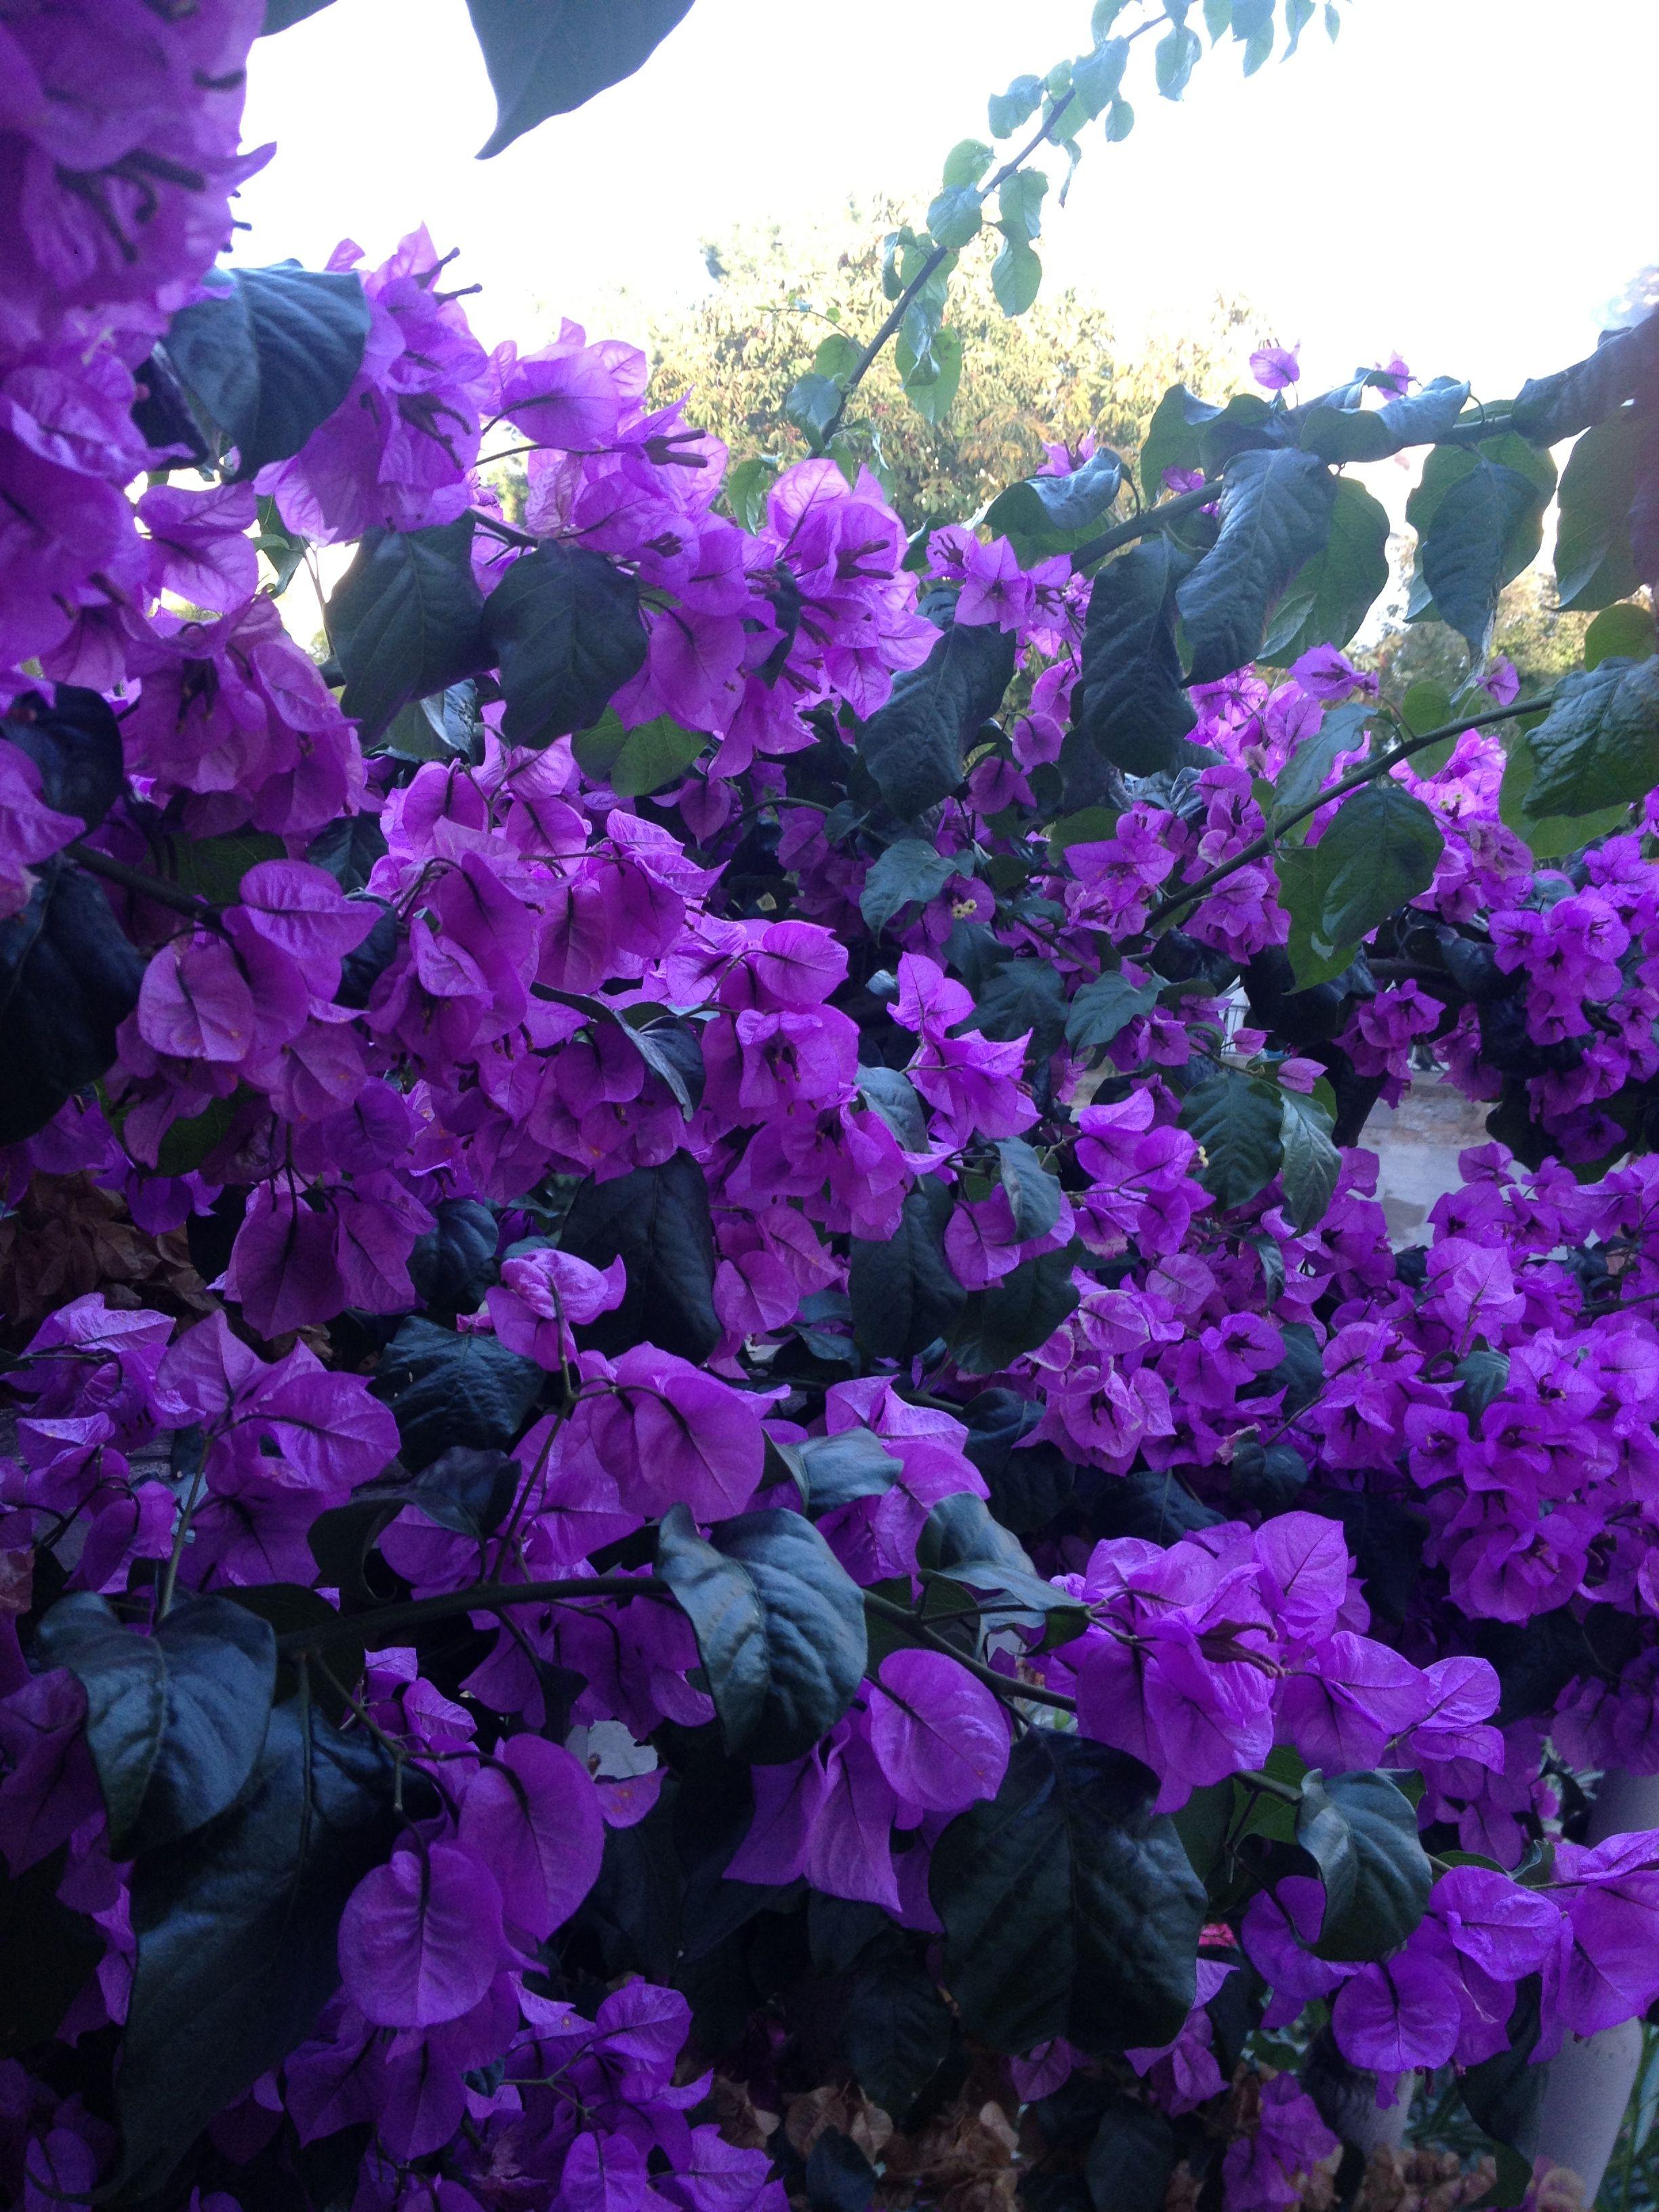 Flowers of my balcony, in Heybeliada Istanbul.